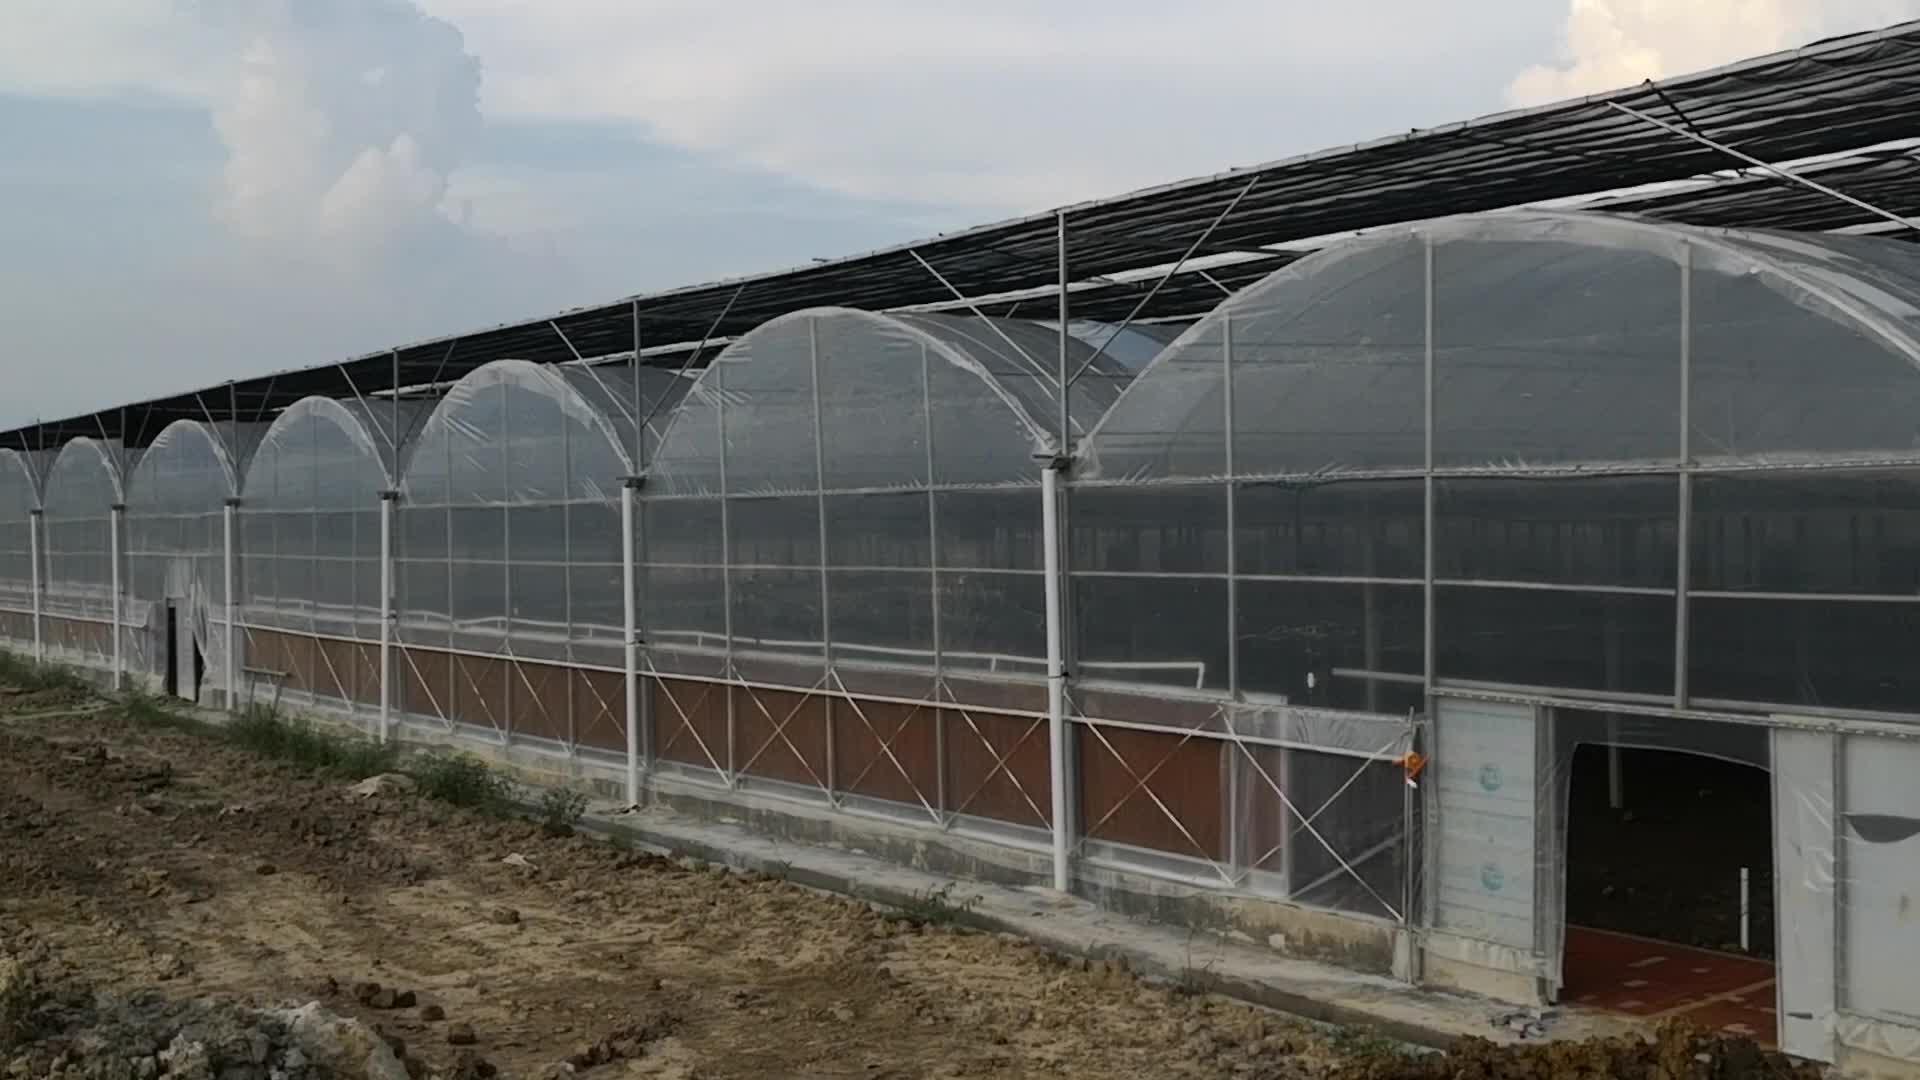 Quản Lý Tự Động Multi-span 200mic 150mic Độ Dày Màng Nhựa Hệ Thống Thủy Canh Nhà Kính Đối Với Cà Chua Paprika